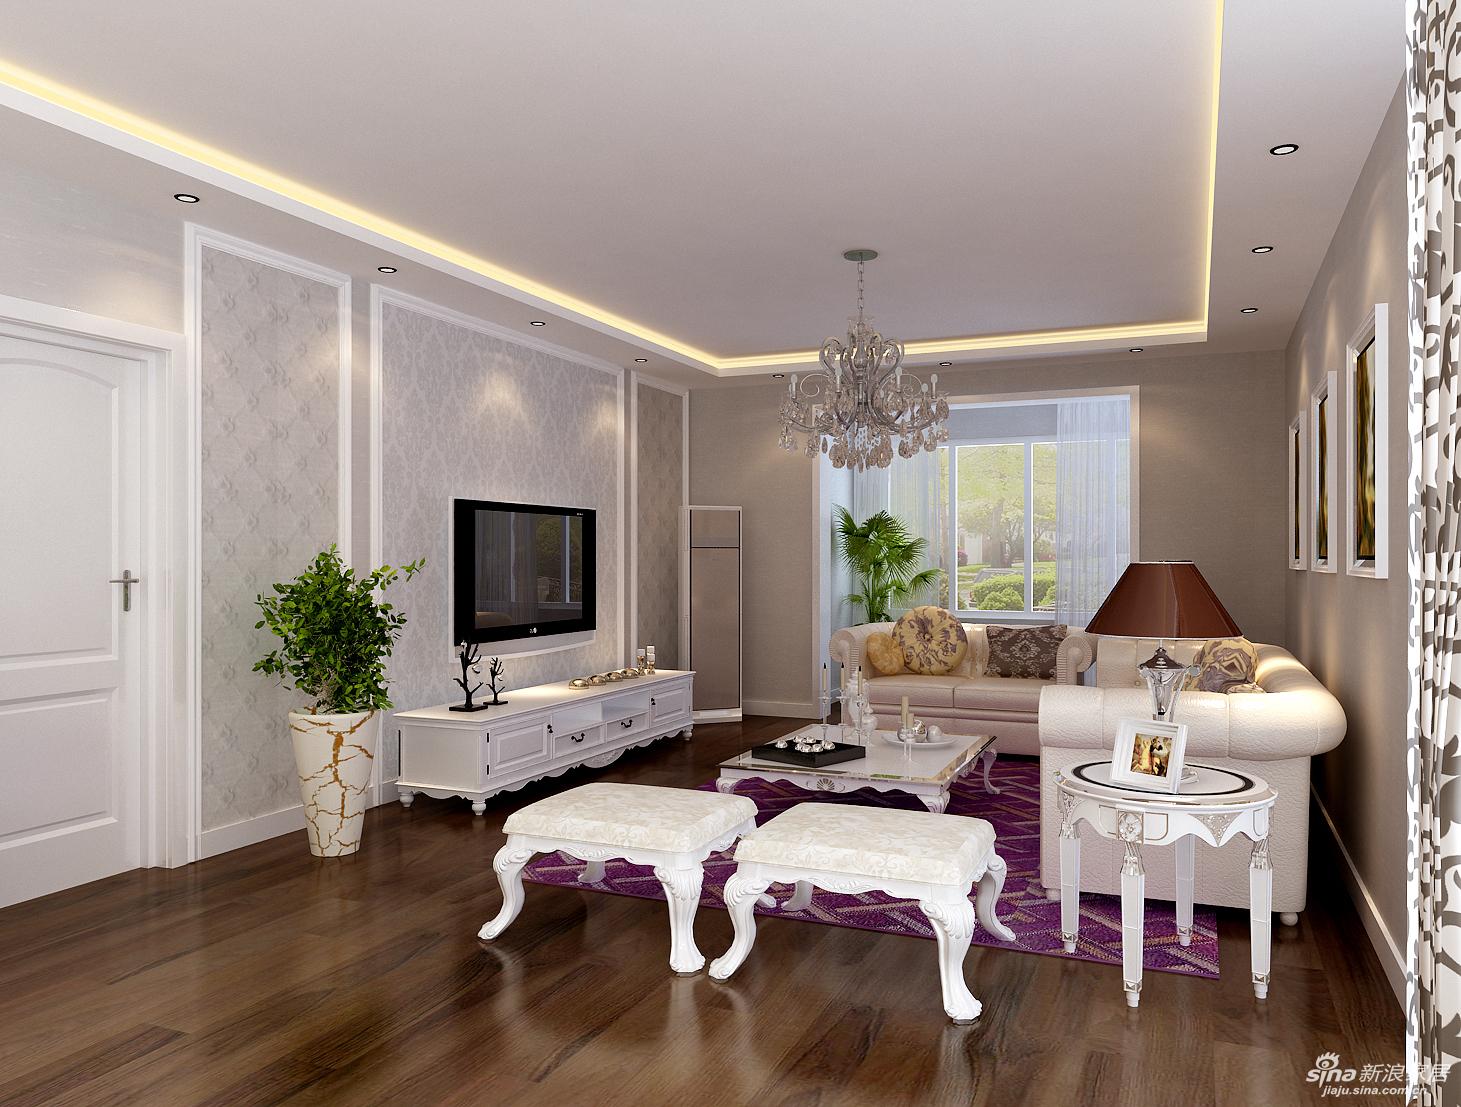 设计理念:整个客厅的空间大胆的运用了灰色基底的壁纸,加上电视墙运